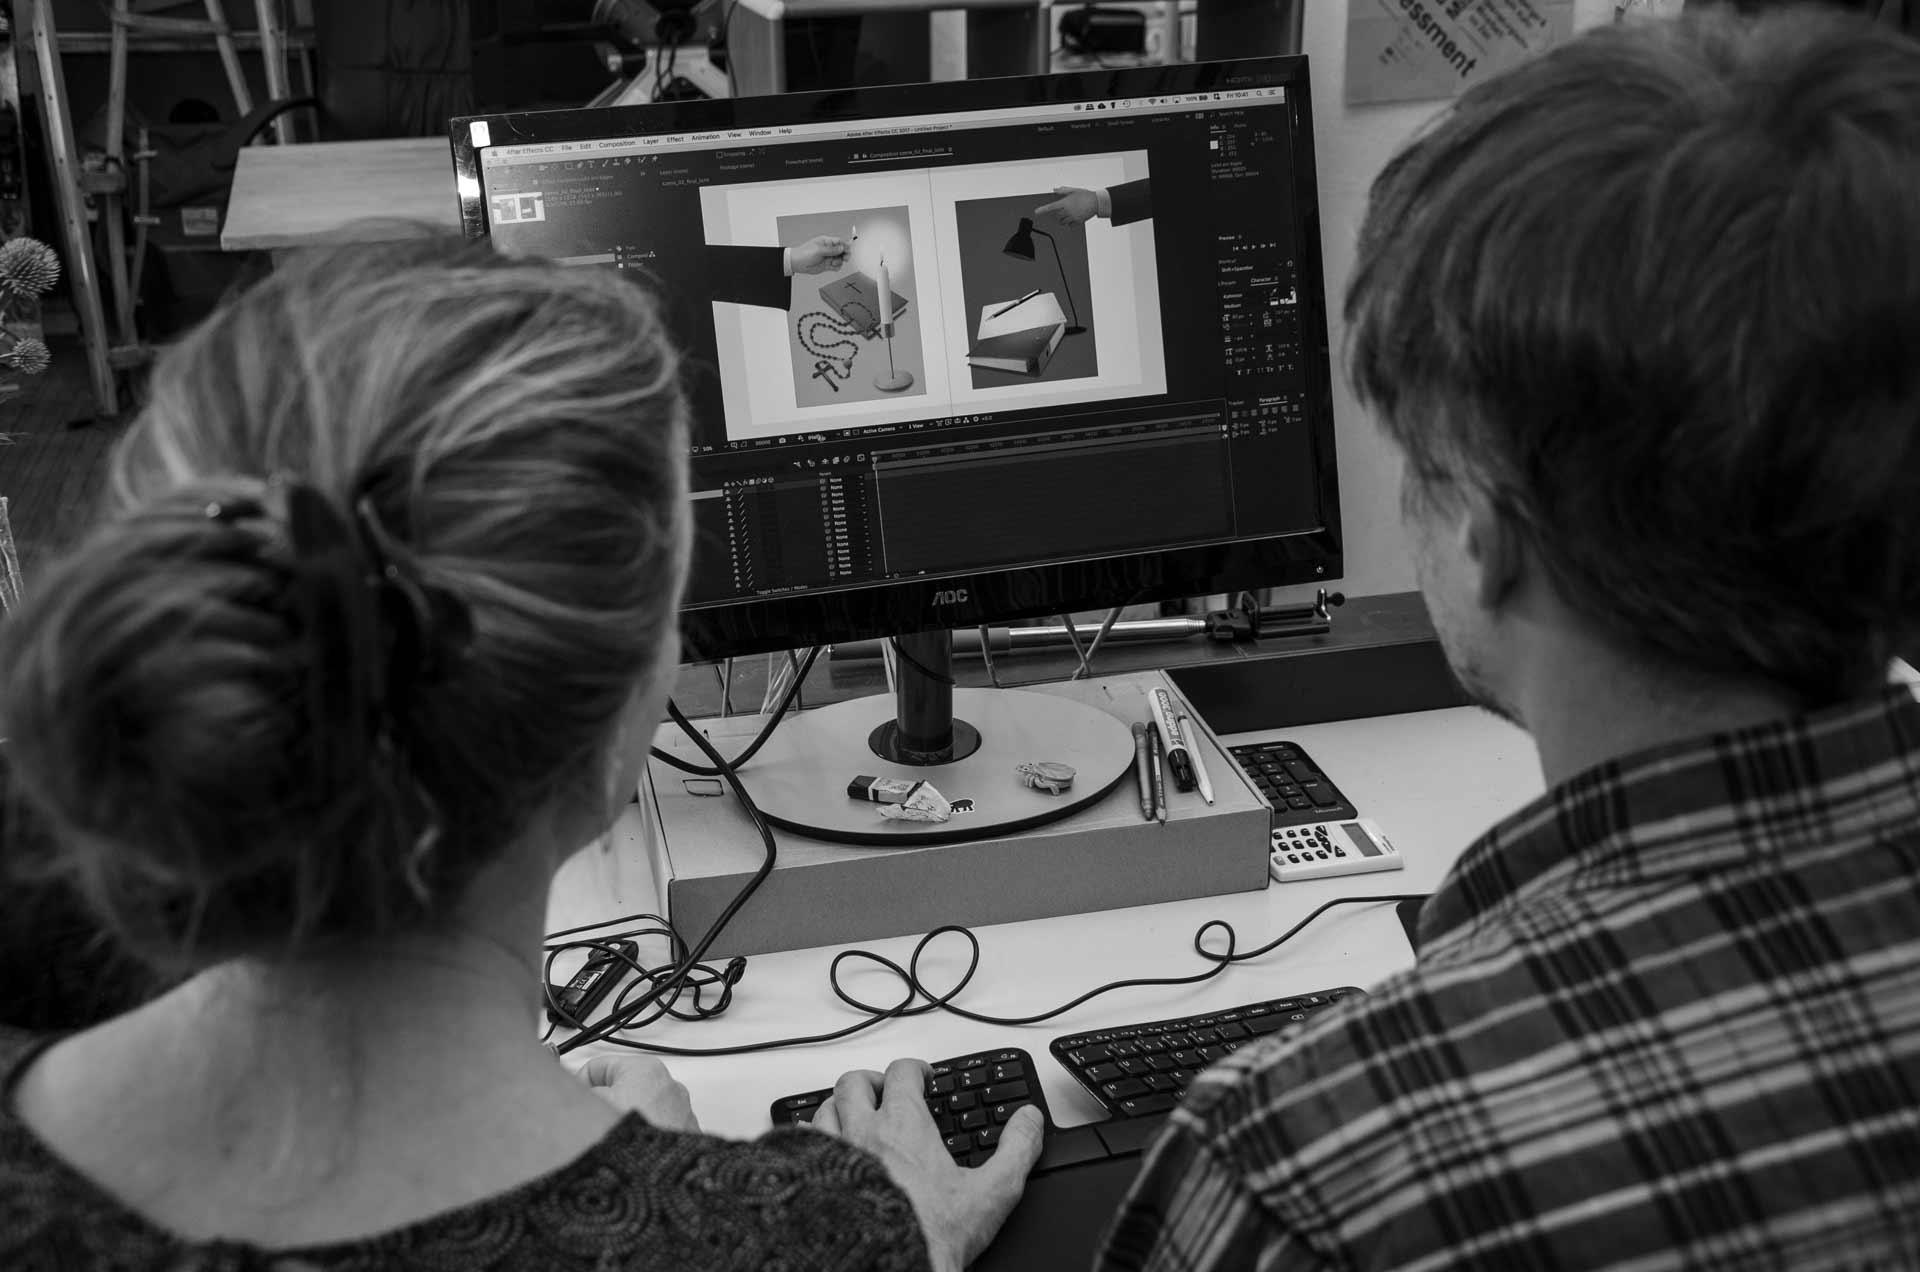 Ein Film entsteht – Blick über die Schultern von Antonia Meile und Nils Hedinger im Atelier in Luzern. | © 2018 Fleur Budry